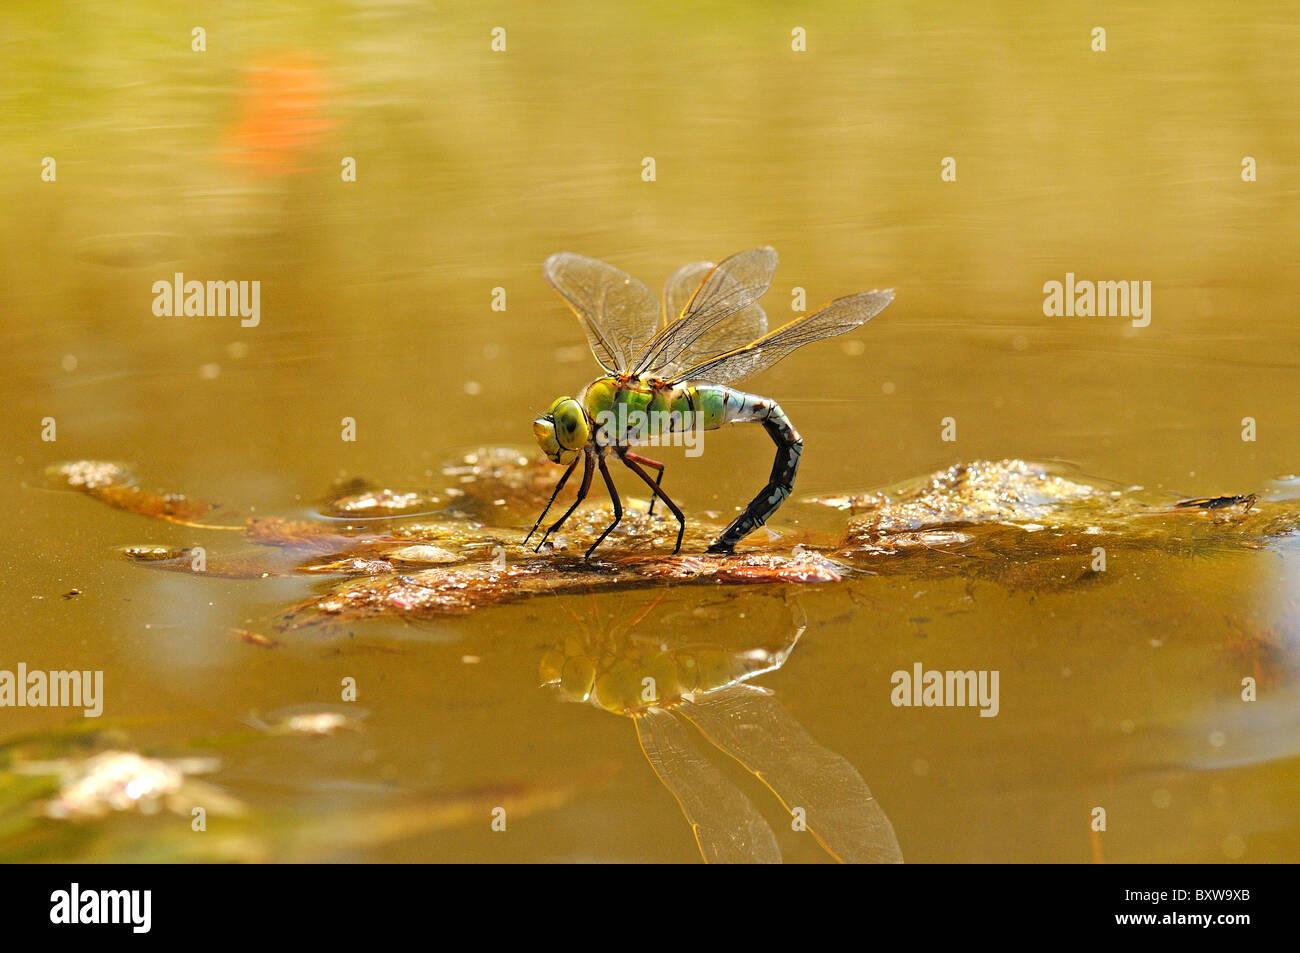 Kaiser-Libelle (Anax Imperator) weiblich Eiablage an Wasseroberfläche, Oxfordshire, Vereinigtes Königreich. Stockbild